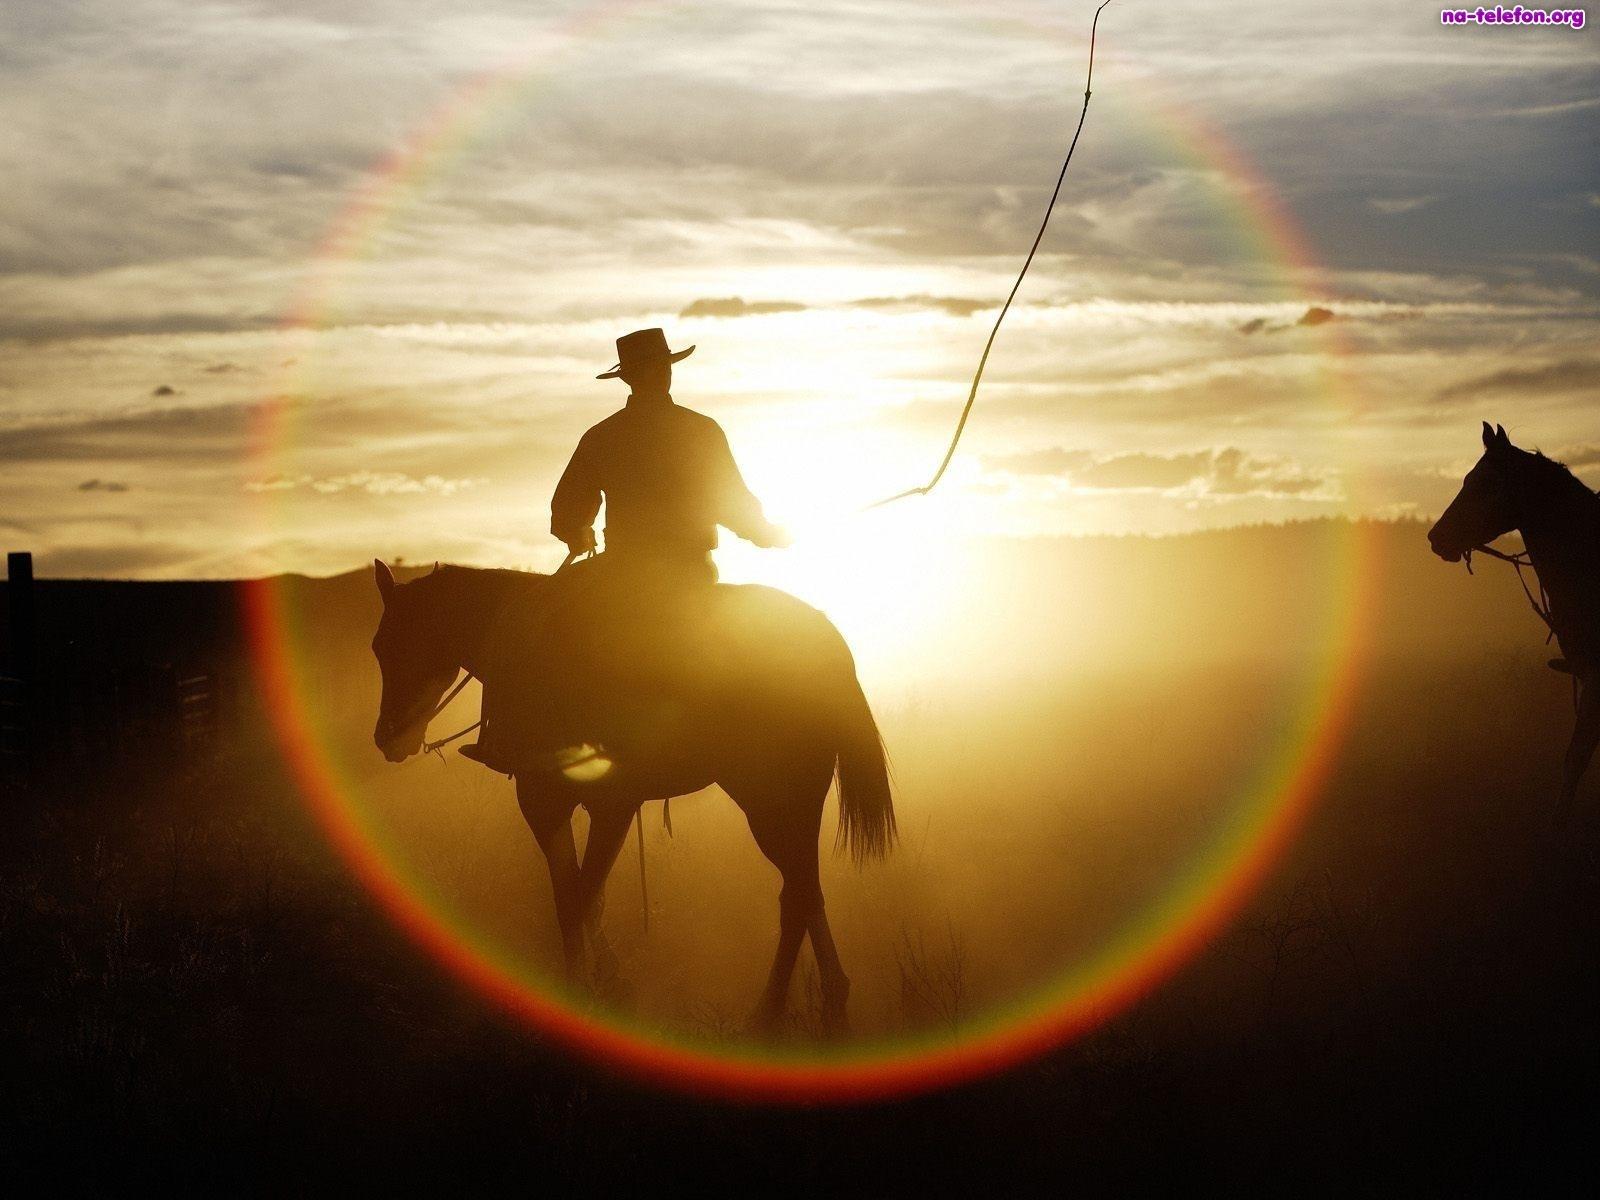 konie-zachod-slonca-kowboje